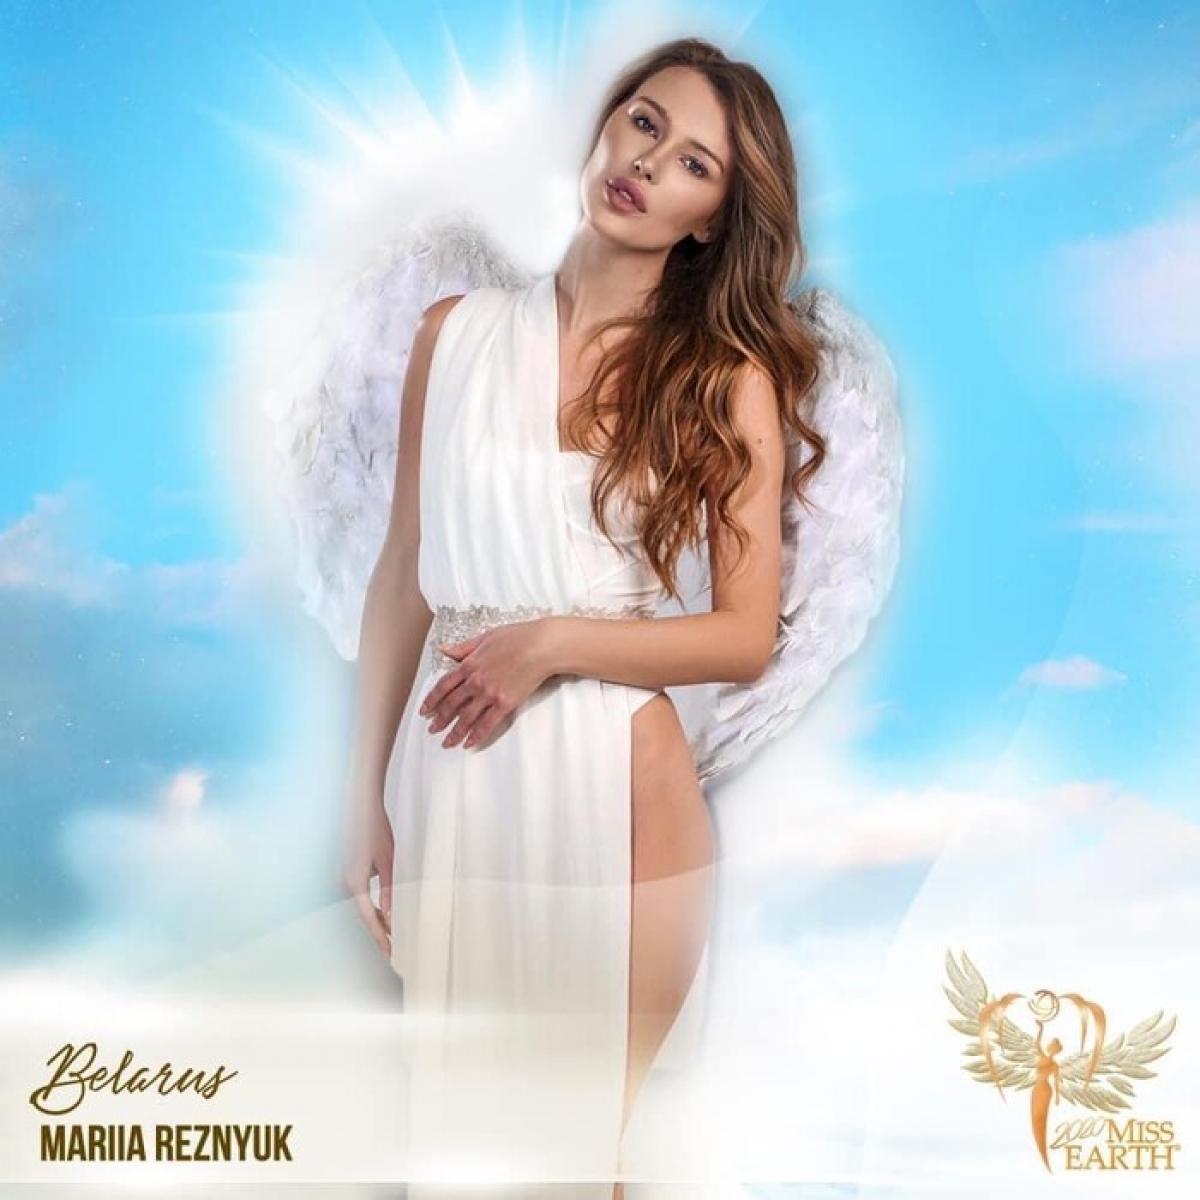 Mariia Reznyuk of Belarus